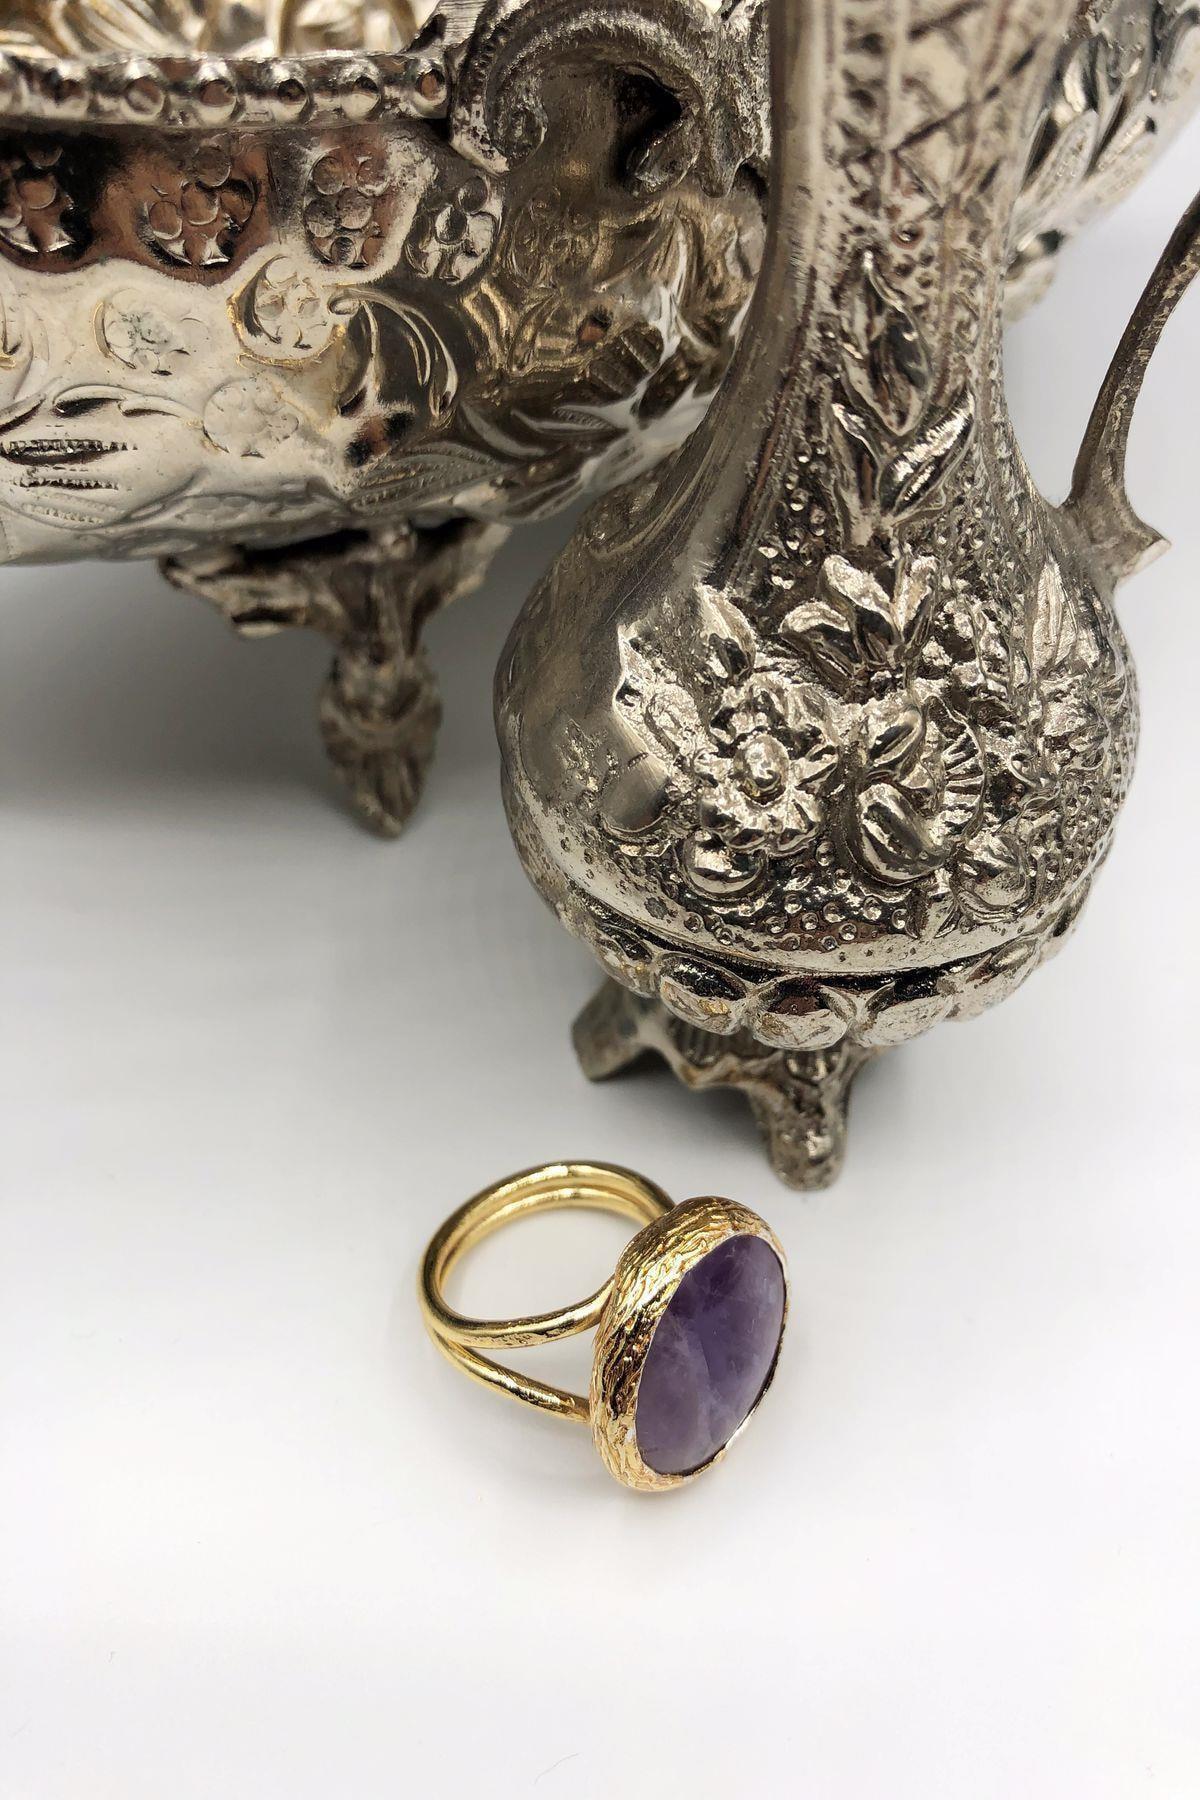 Dr. Stone Kadın Harem Koleksiyonu Ametist Taşı Gümüş Kaplama Her Parmağa Göre Ayarlanabilir Yüzük Ahl88 1